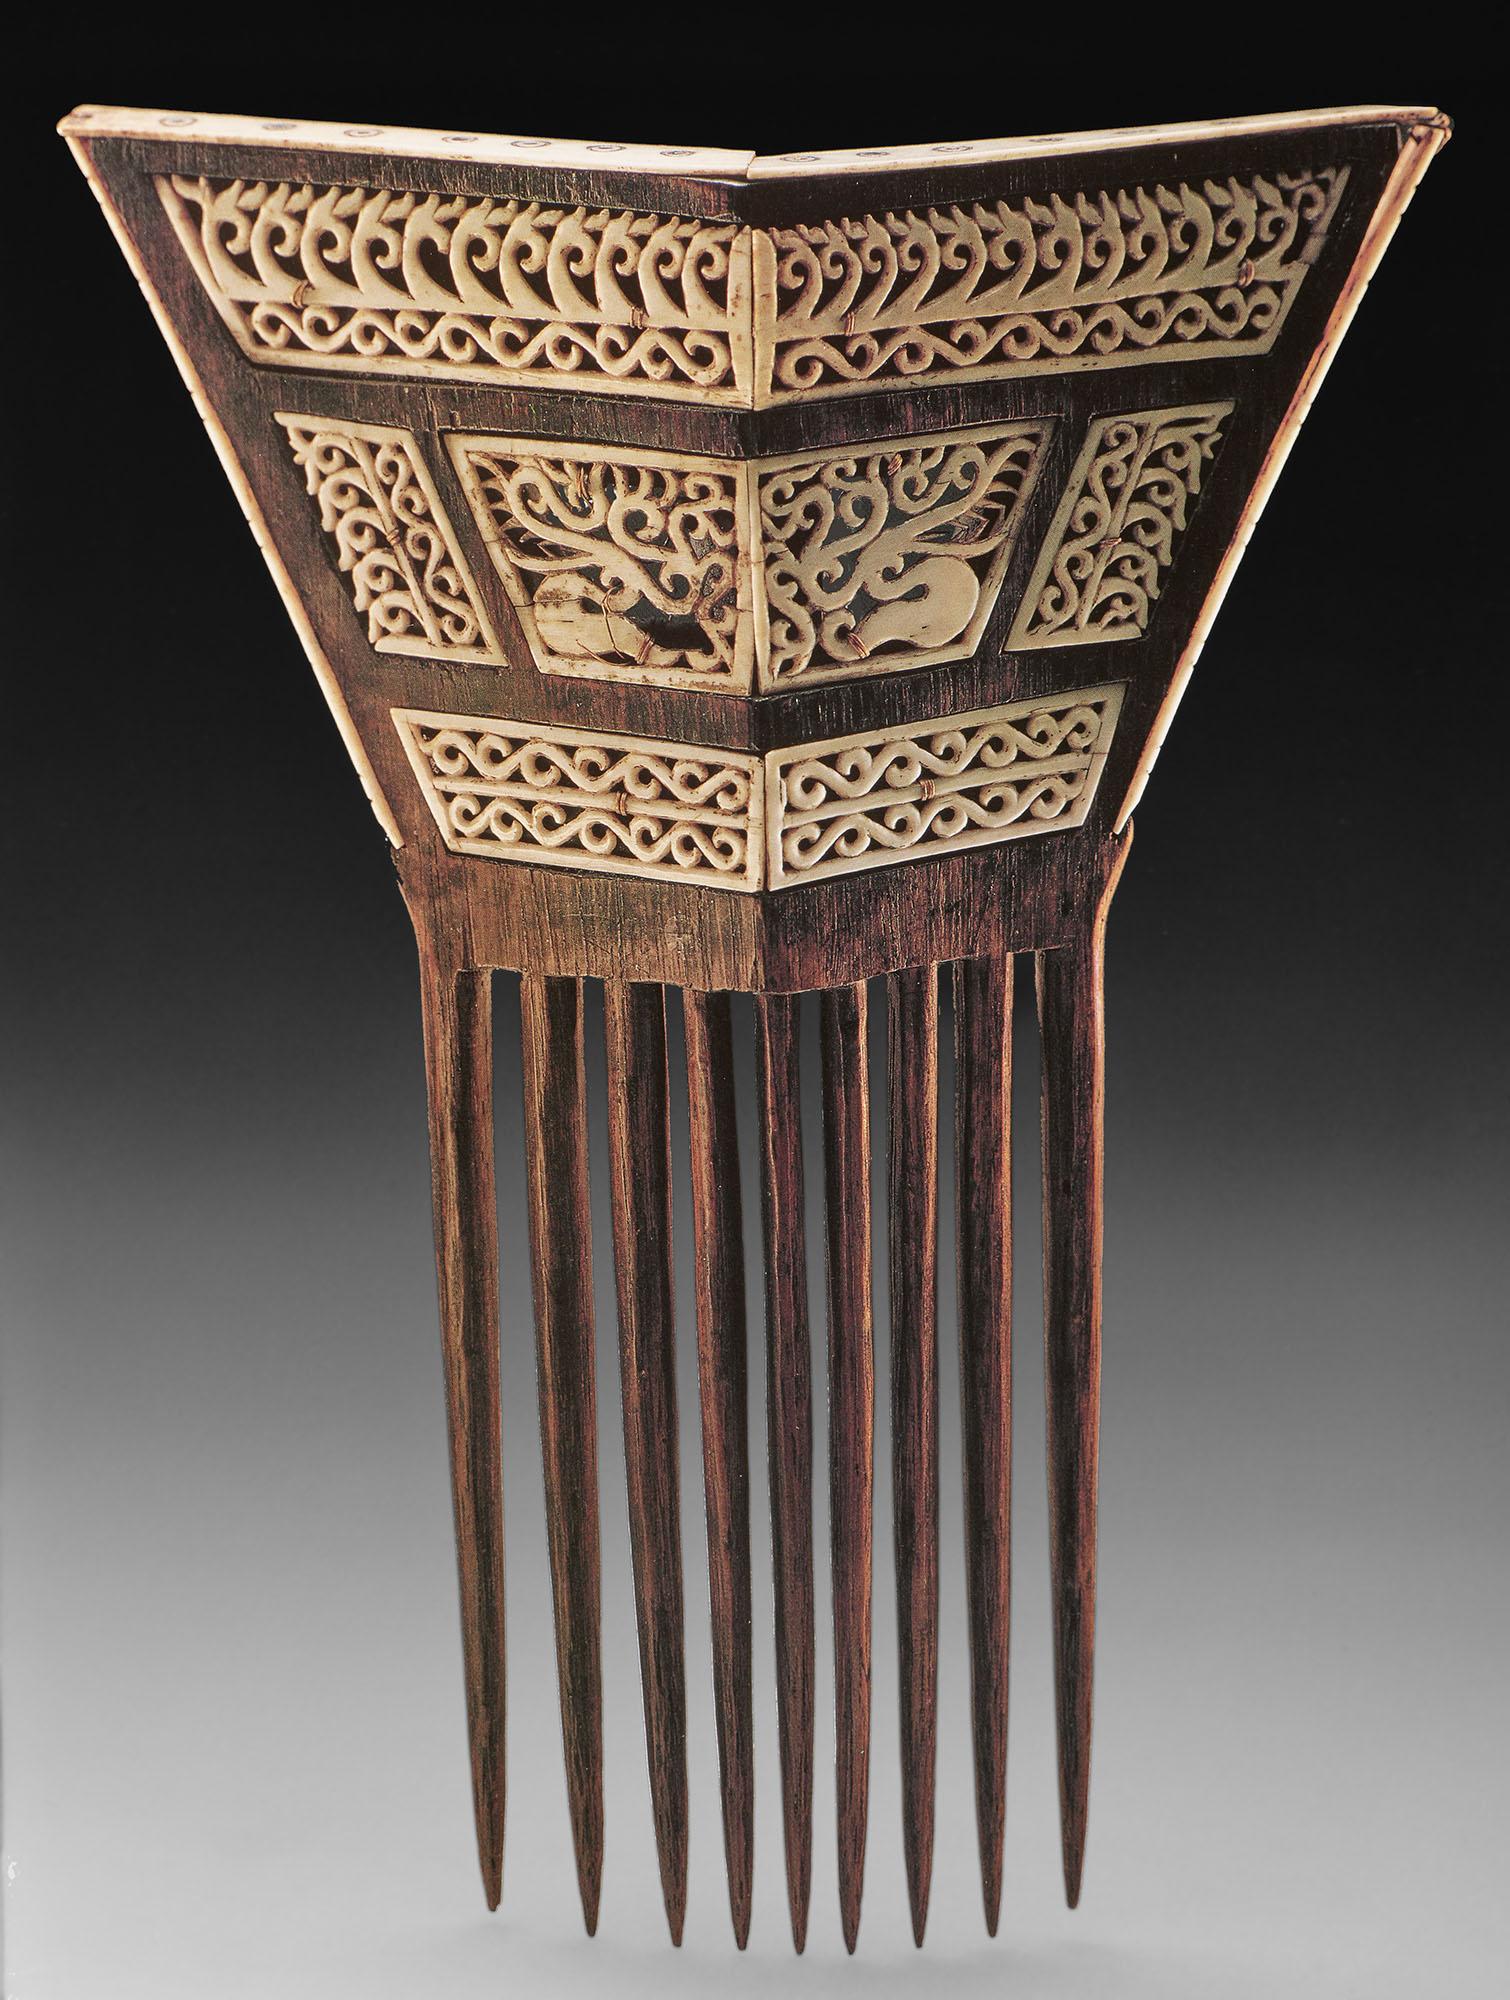 Carved Comb in Wood and Ivory © Nationaal Museum van Wereldculturen | The Netherlands